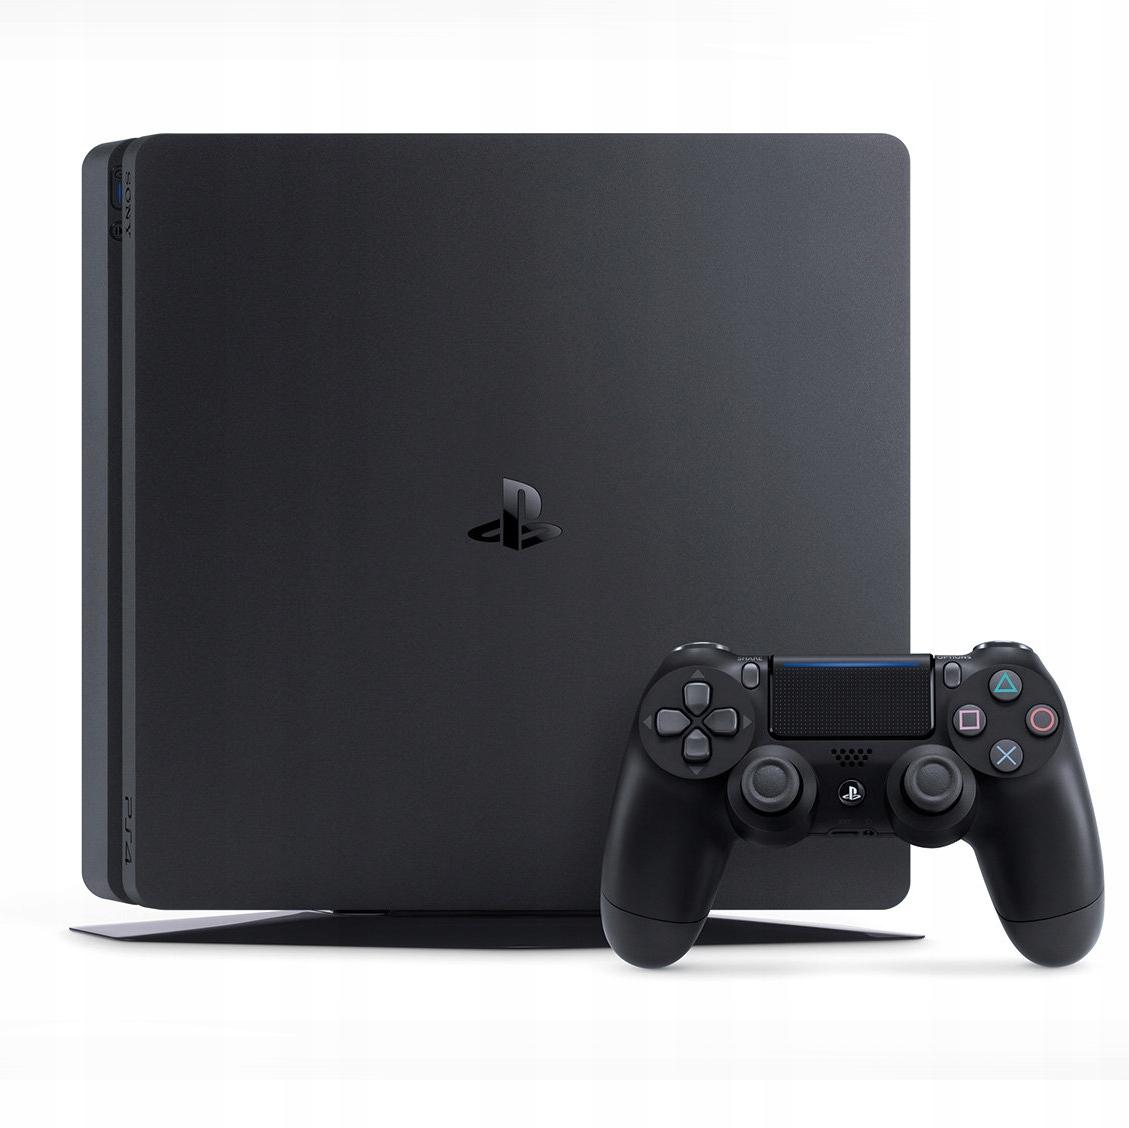 SONY PLAYSTATION 4 PS4 SLIM 500GB 2216A КОНСОЛЬ Код производителя CUH-2216A